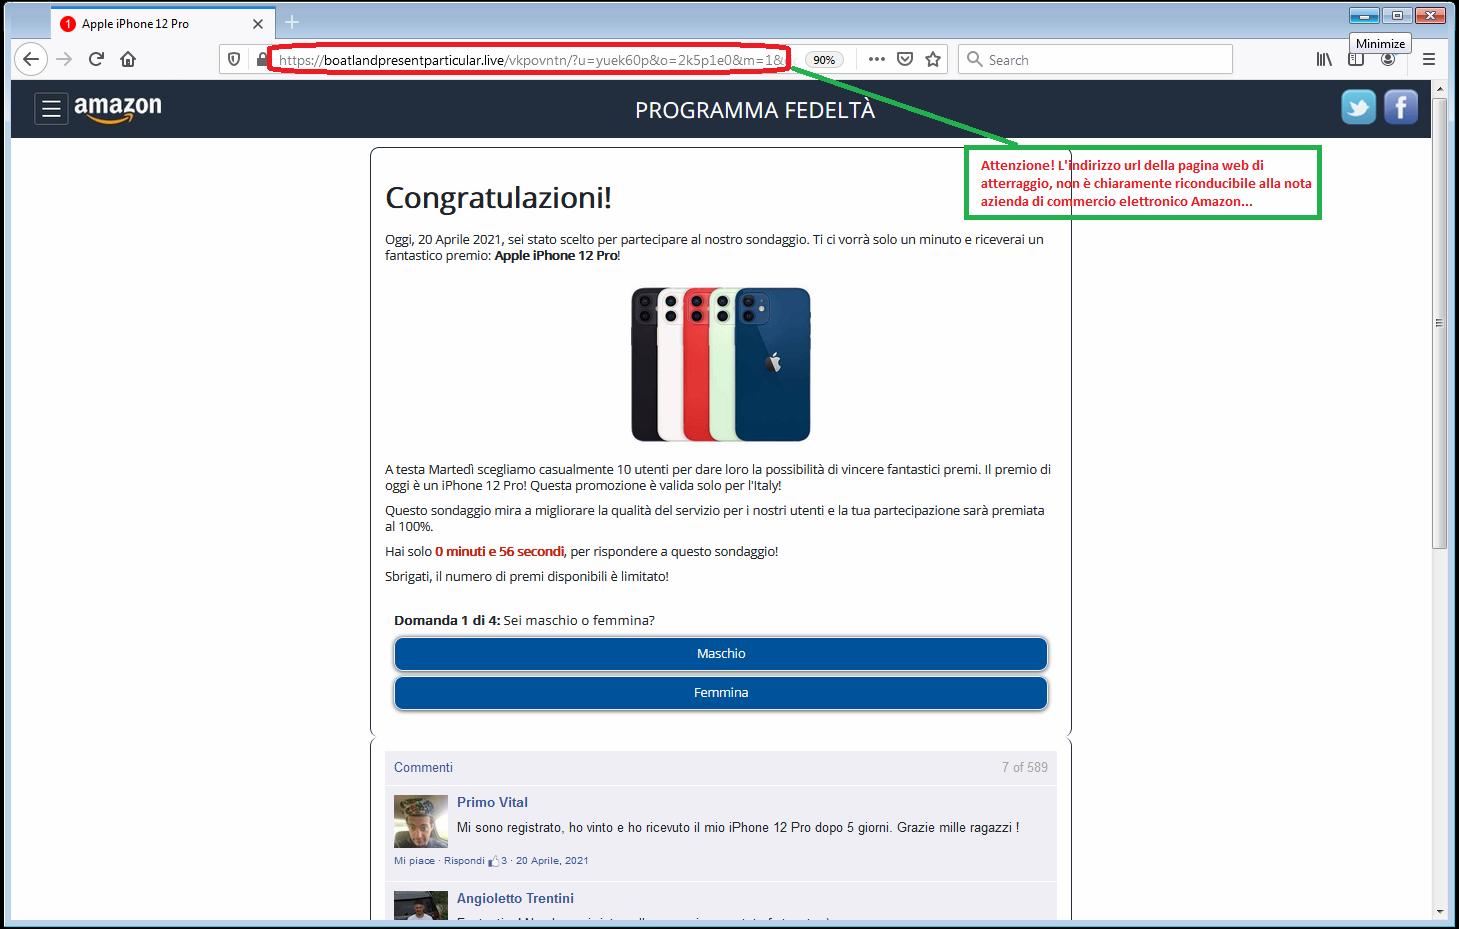 Clicca per ingrandire l'immagine della falsa pagina web di Amazon, che offre la possibilità di vincere un fantastico premio l'iPhone 12 Pro solo per 1o fortunati utenti...